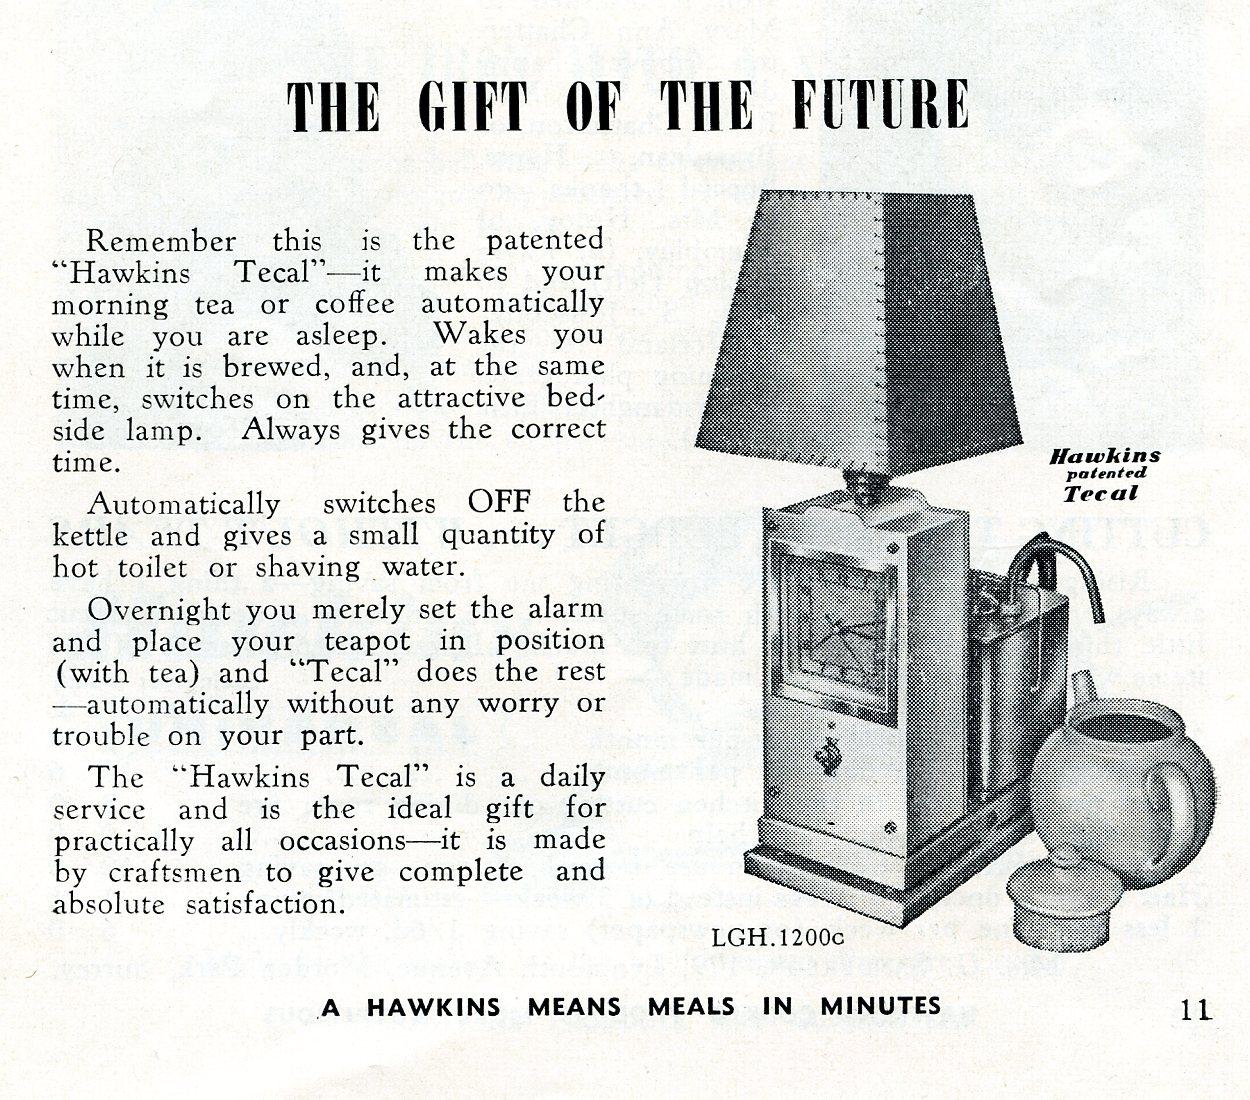 Hawkins Tecal 1200c advert Mar 1952